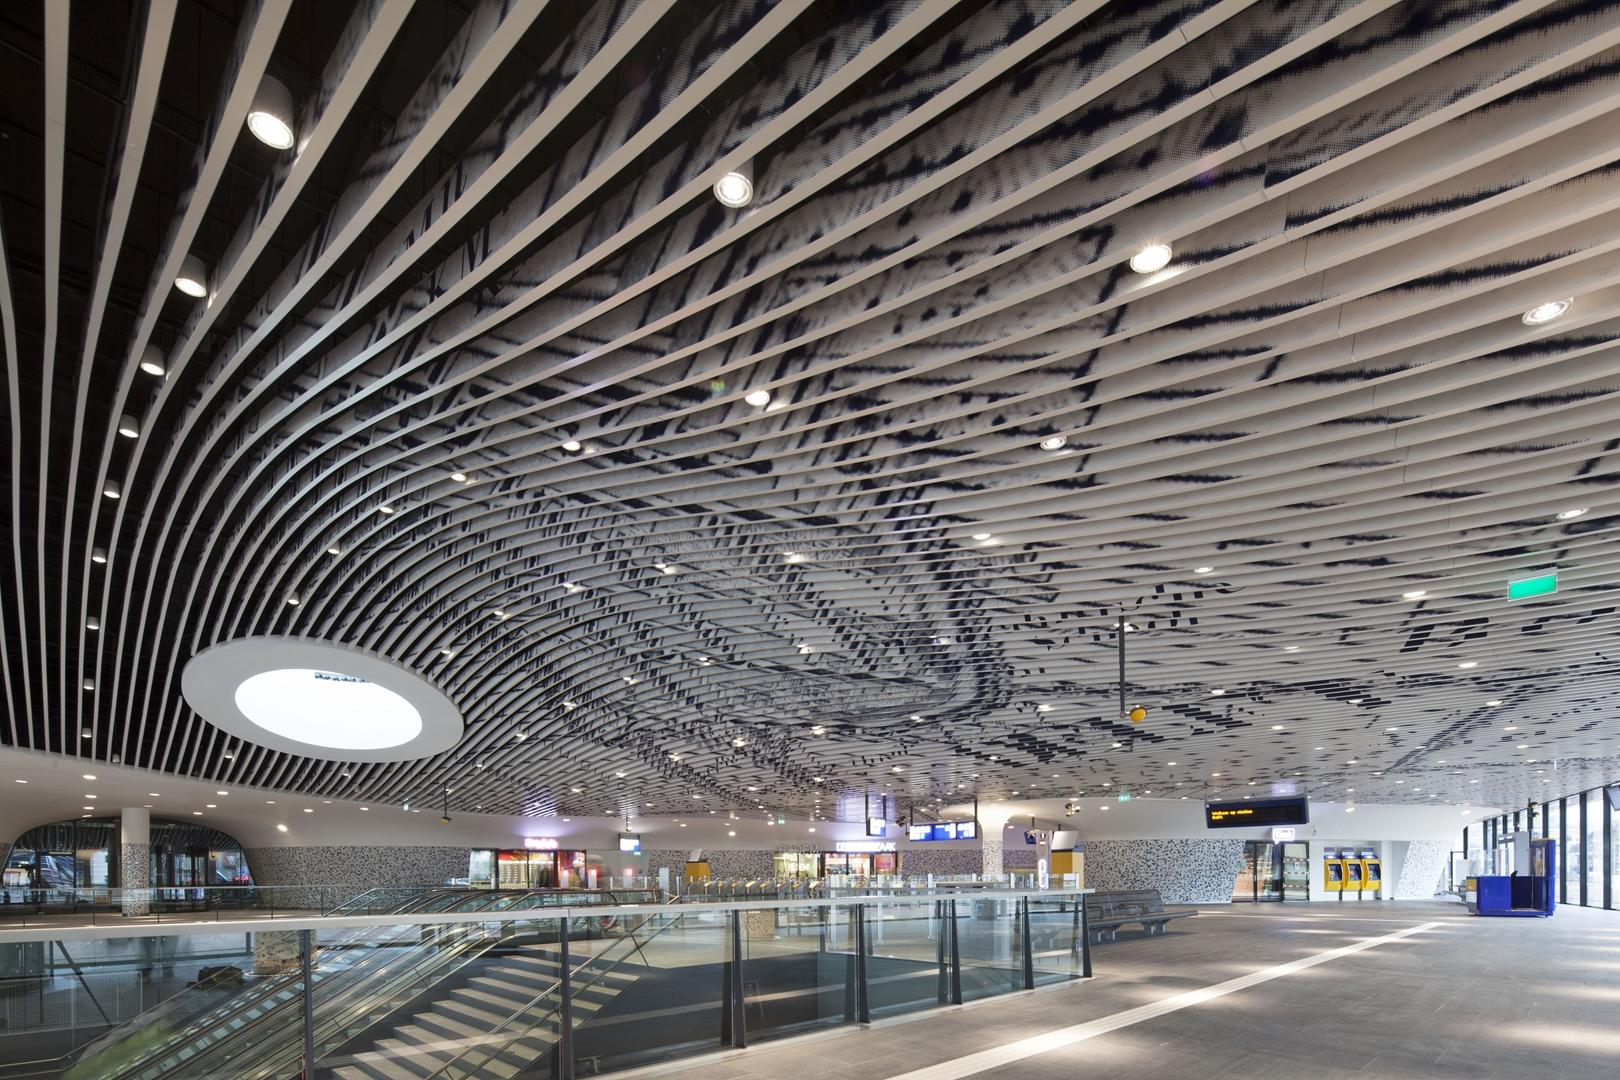 Foto Mecanoo_Stationshal Delft_04 (Copy)